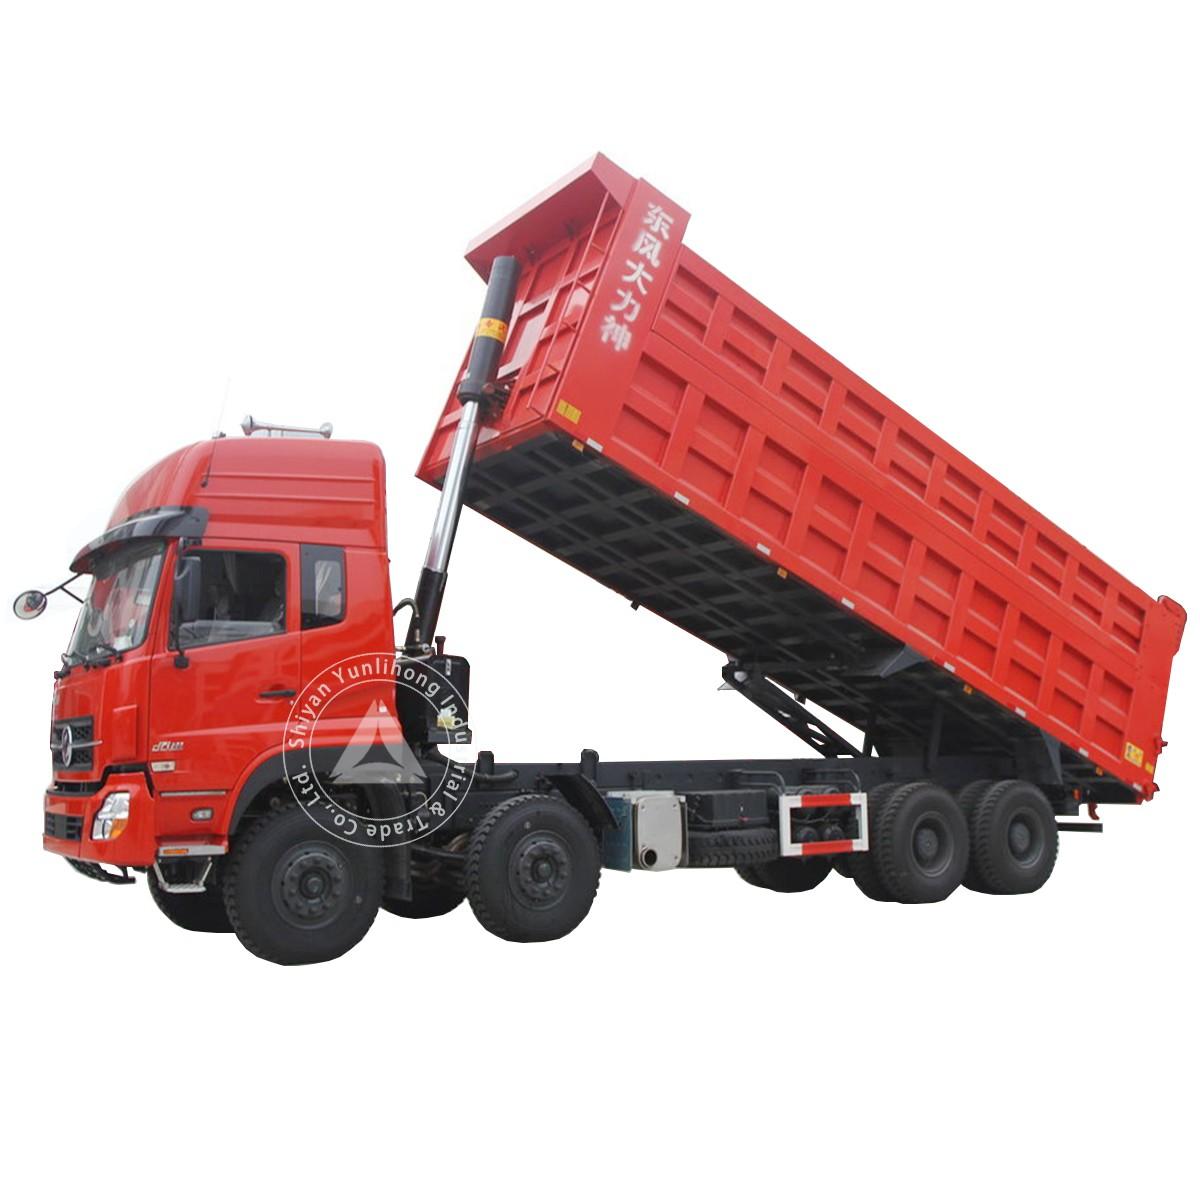 डोंगफेंग केसी 8x4 जीवीडब्ल्यू 40 टन 30 एम 3 डंप ट्रक